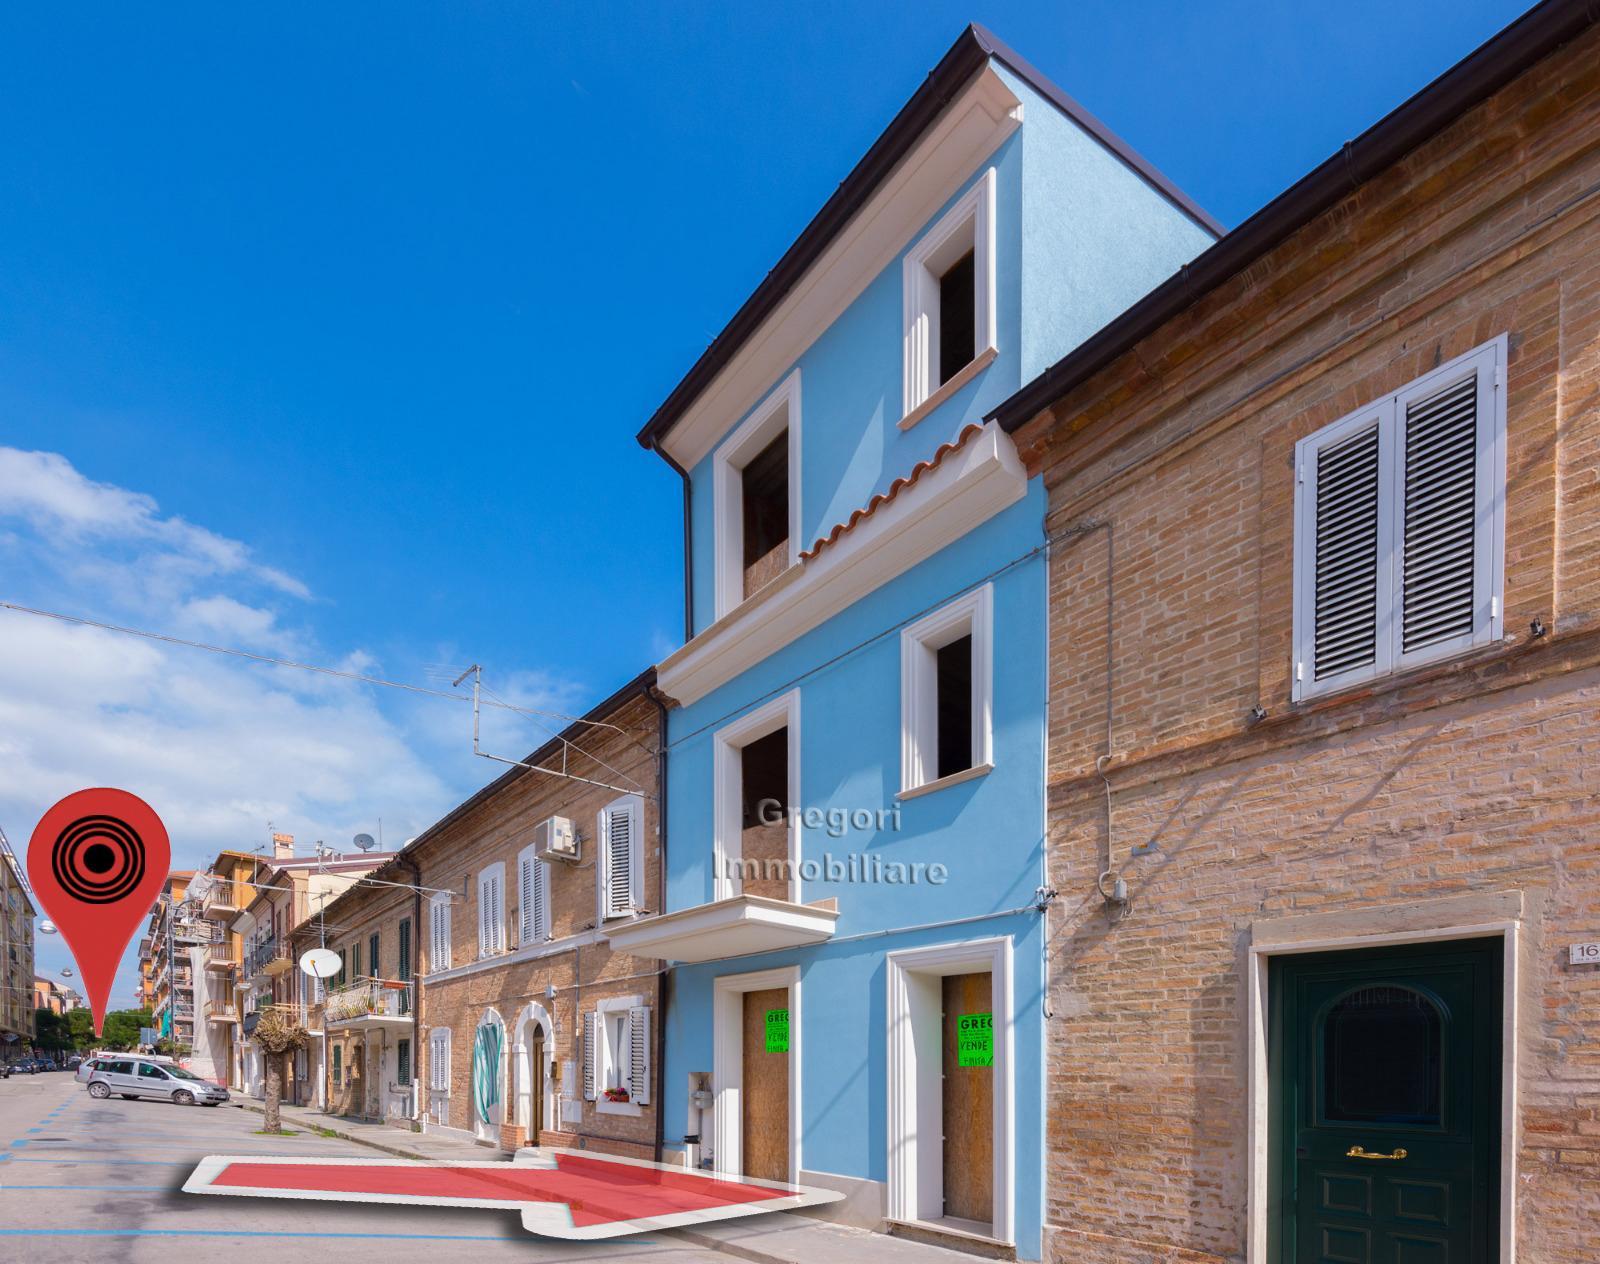 Casa singola nuova costruzione con ascensore gregori - Costo allacciamenti casa nuova costruzione ...